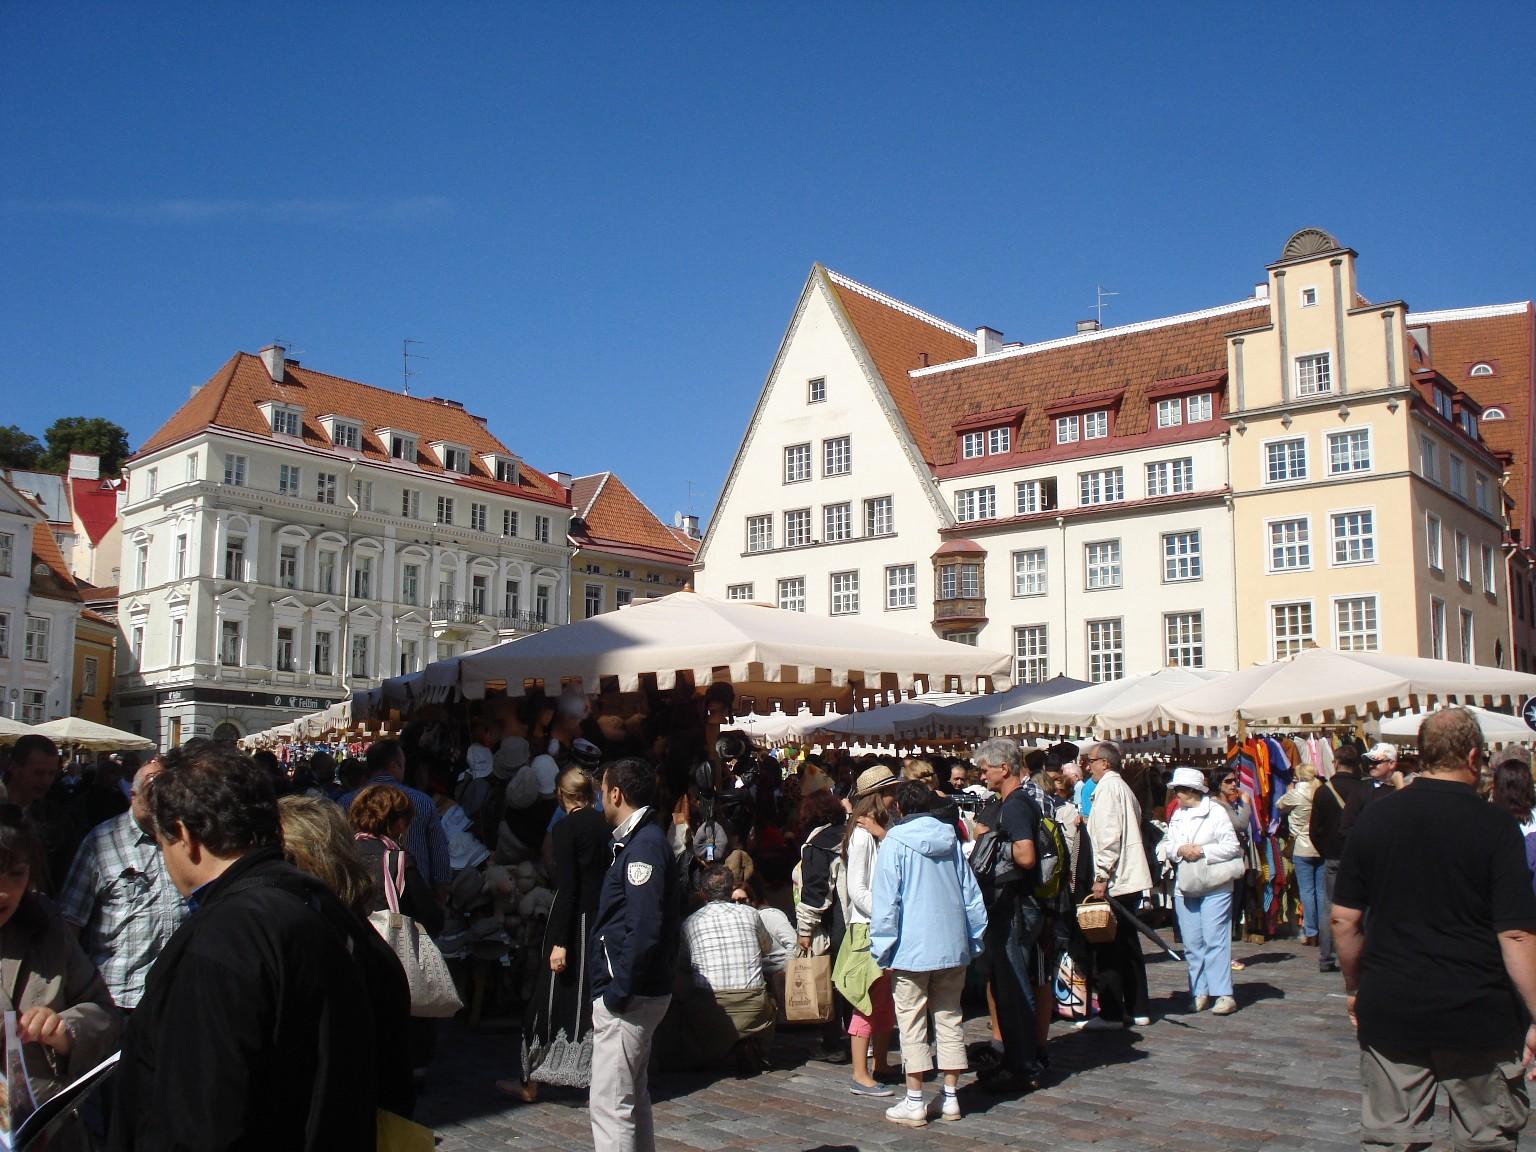 Markt in Tallinn - und Touristen sind überall.